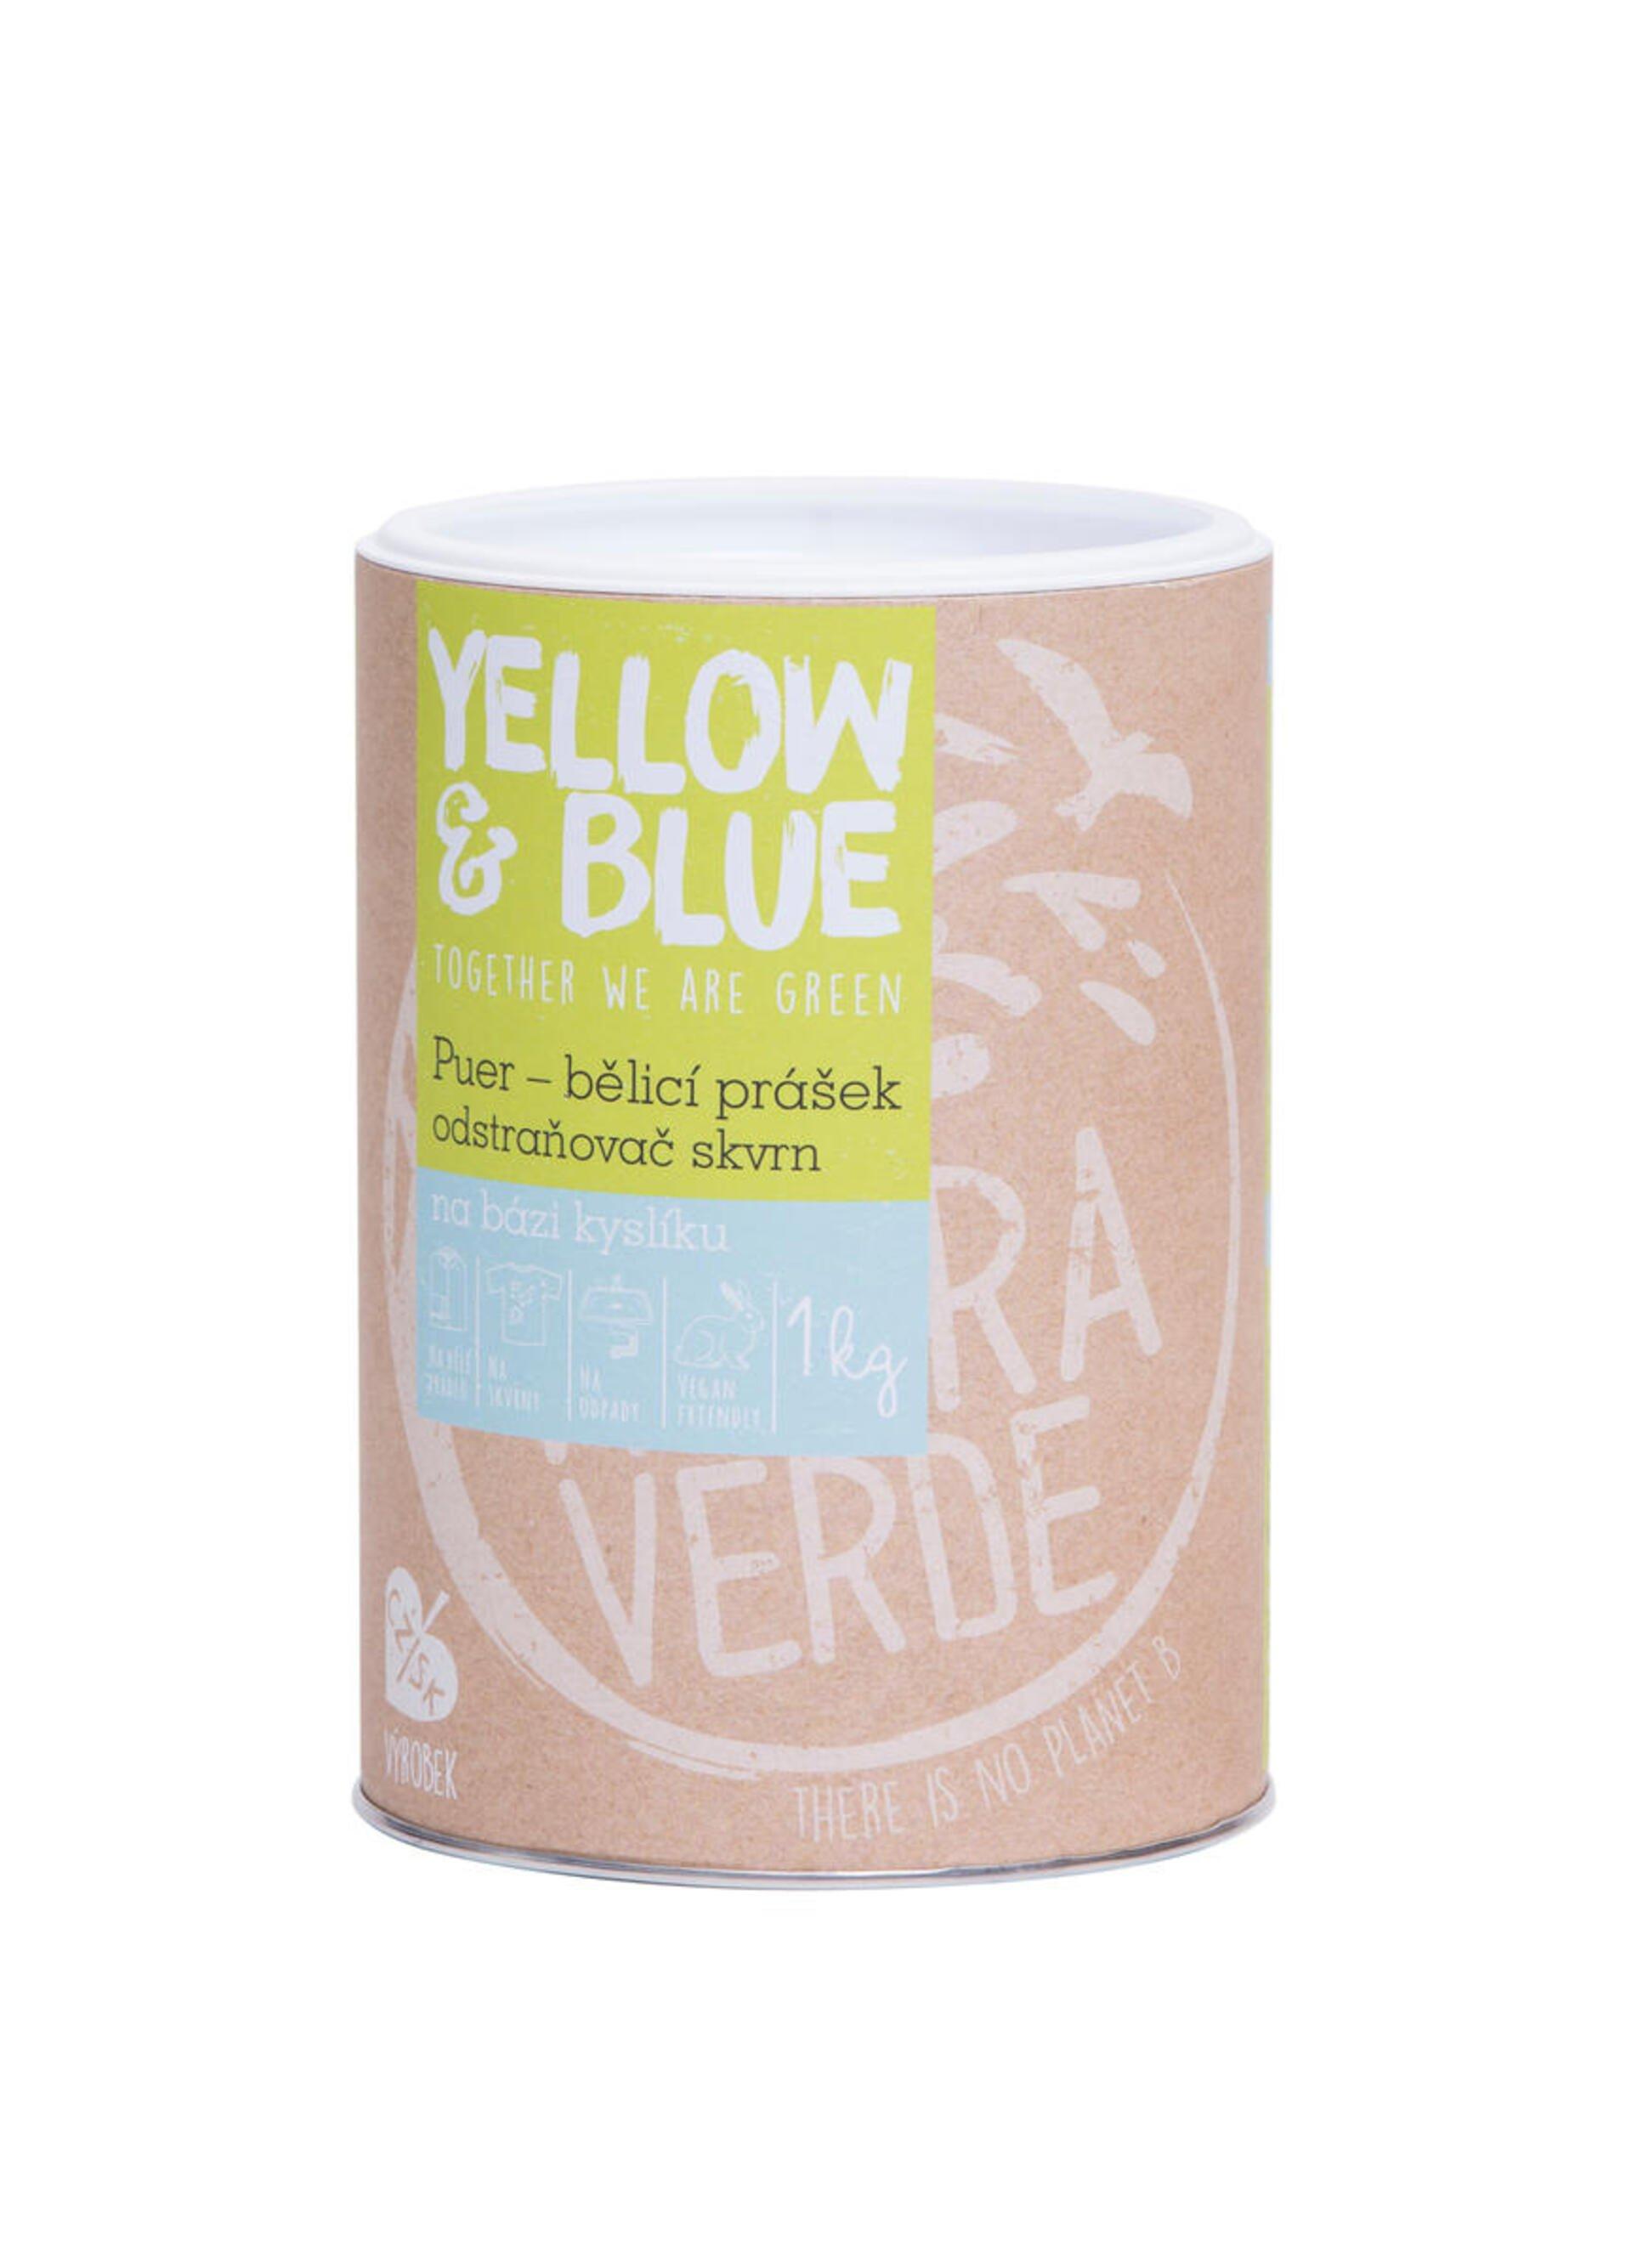 Yellow & Blue Puer bělicí prášek a odstraňovač skvrn na bázi kyslíku (dóza) 1 kg